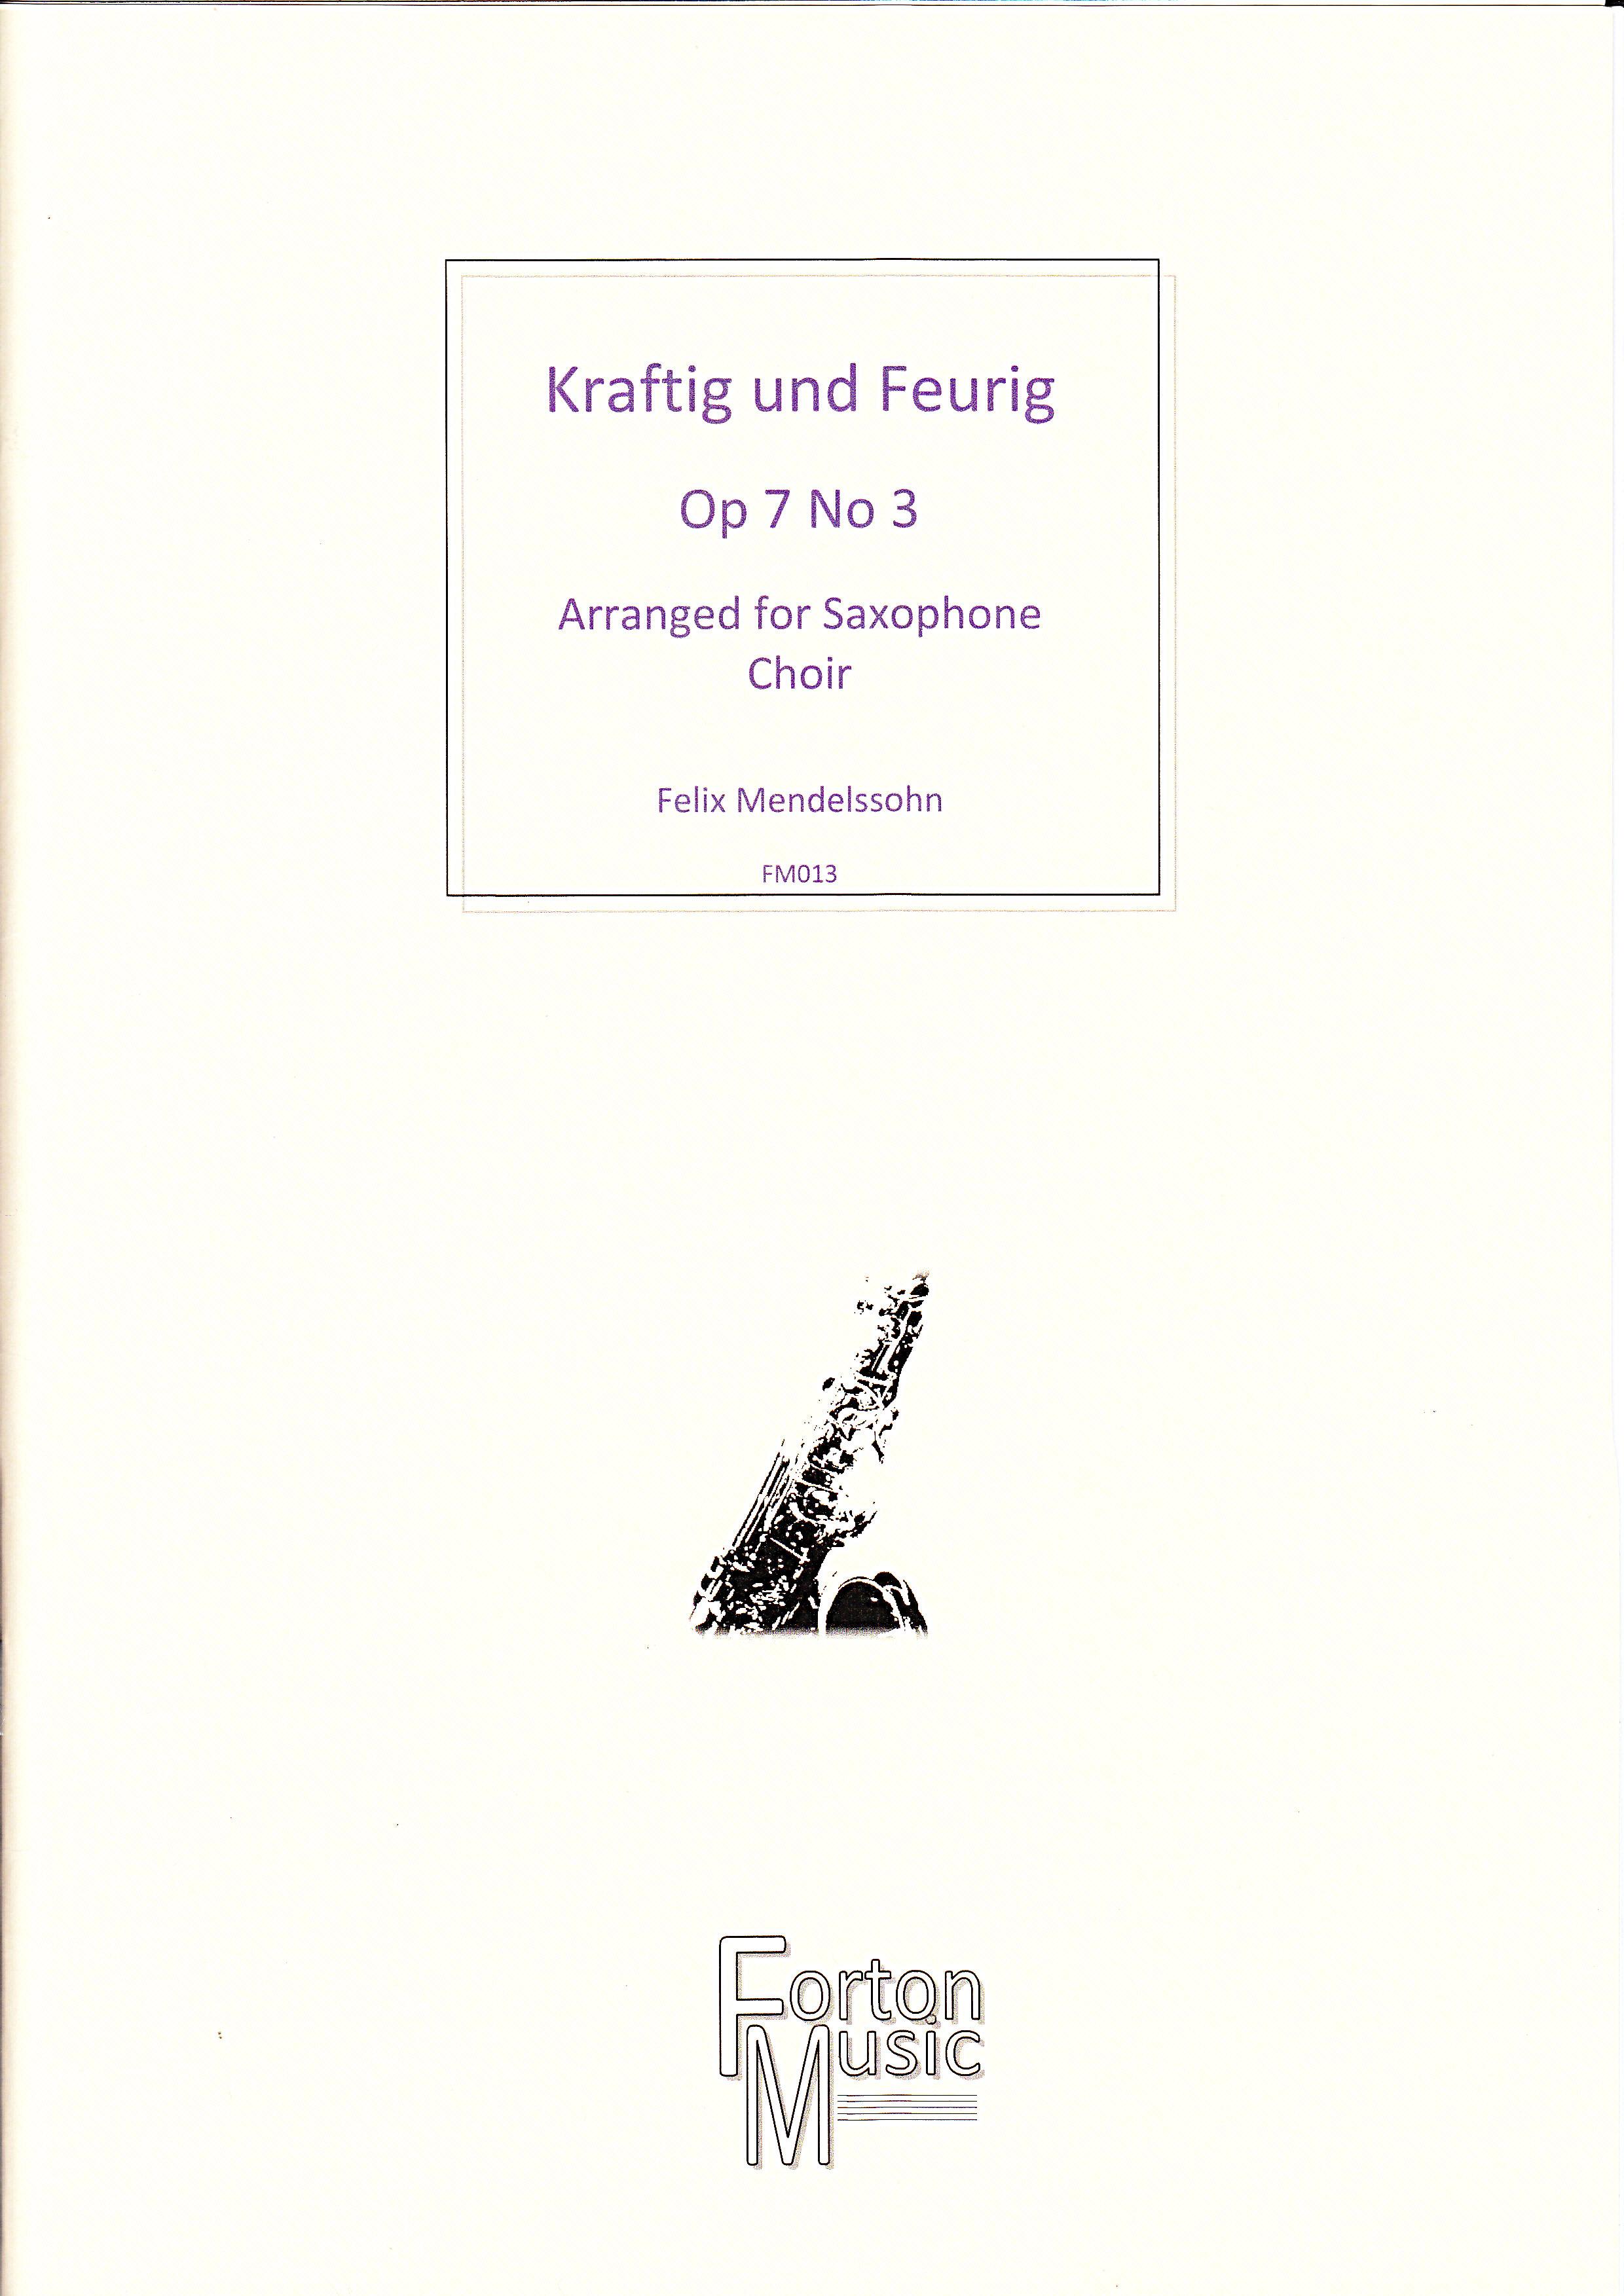 KRAFTIG UND FEURIG Op.7 No.3